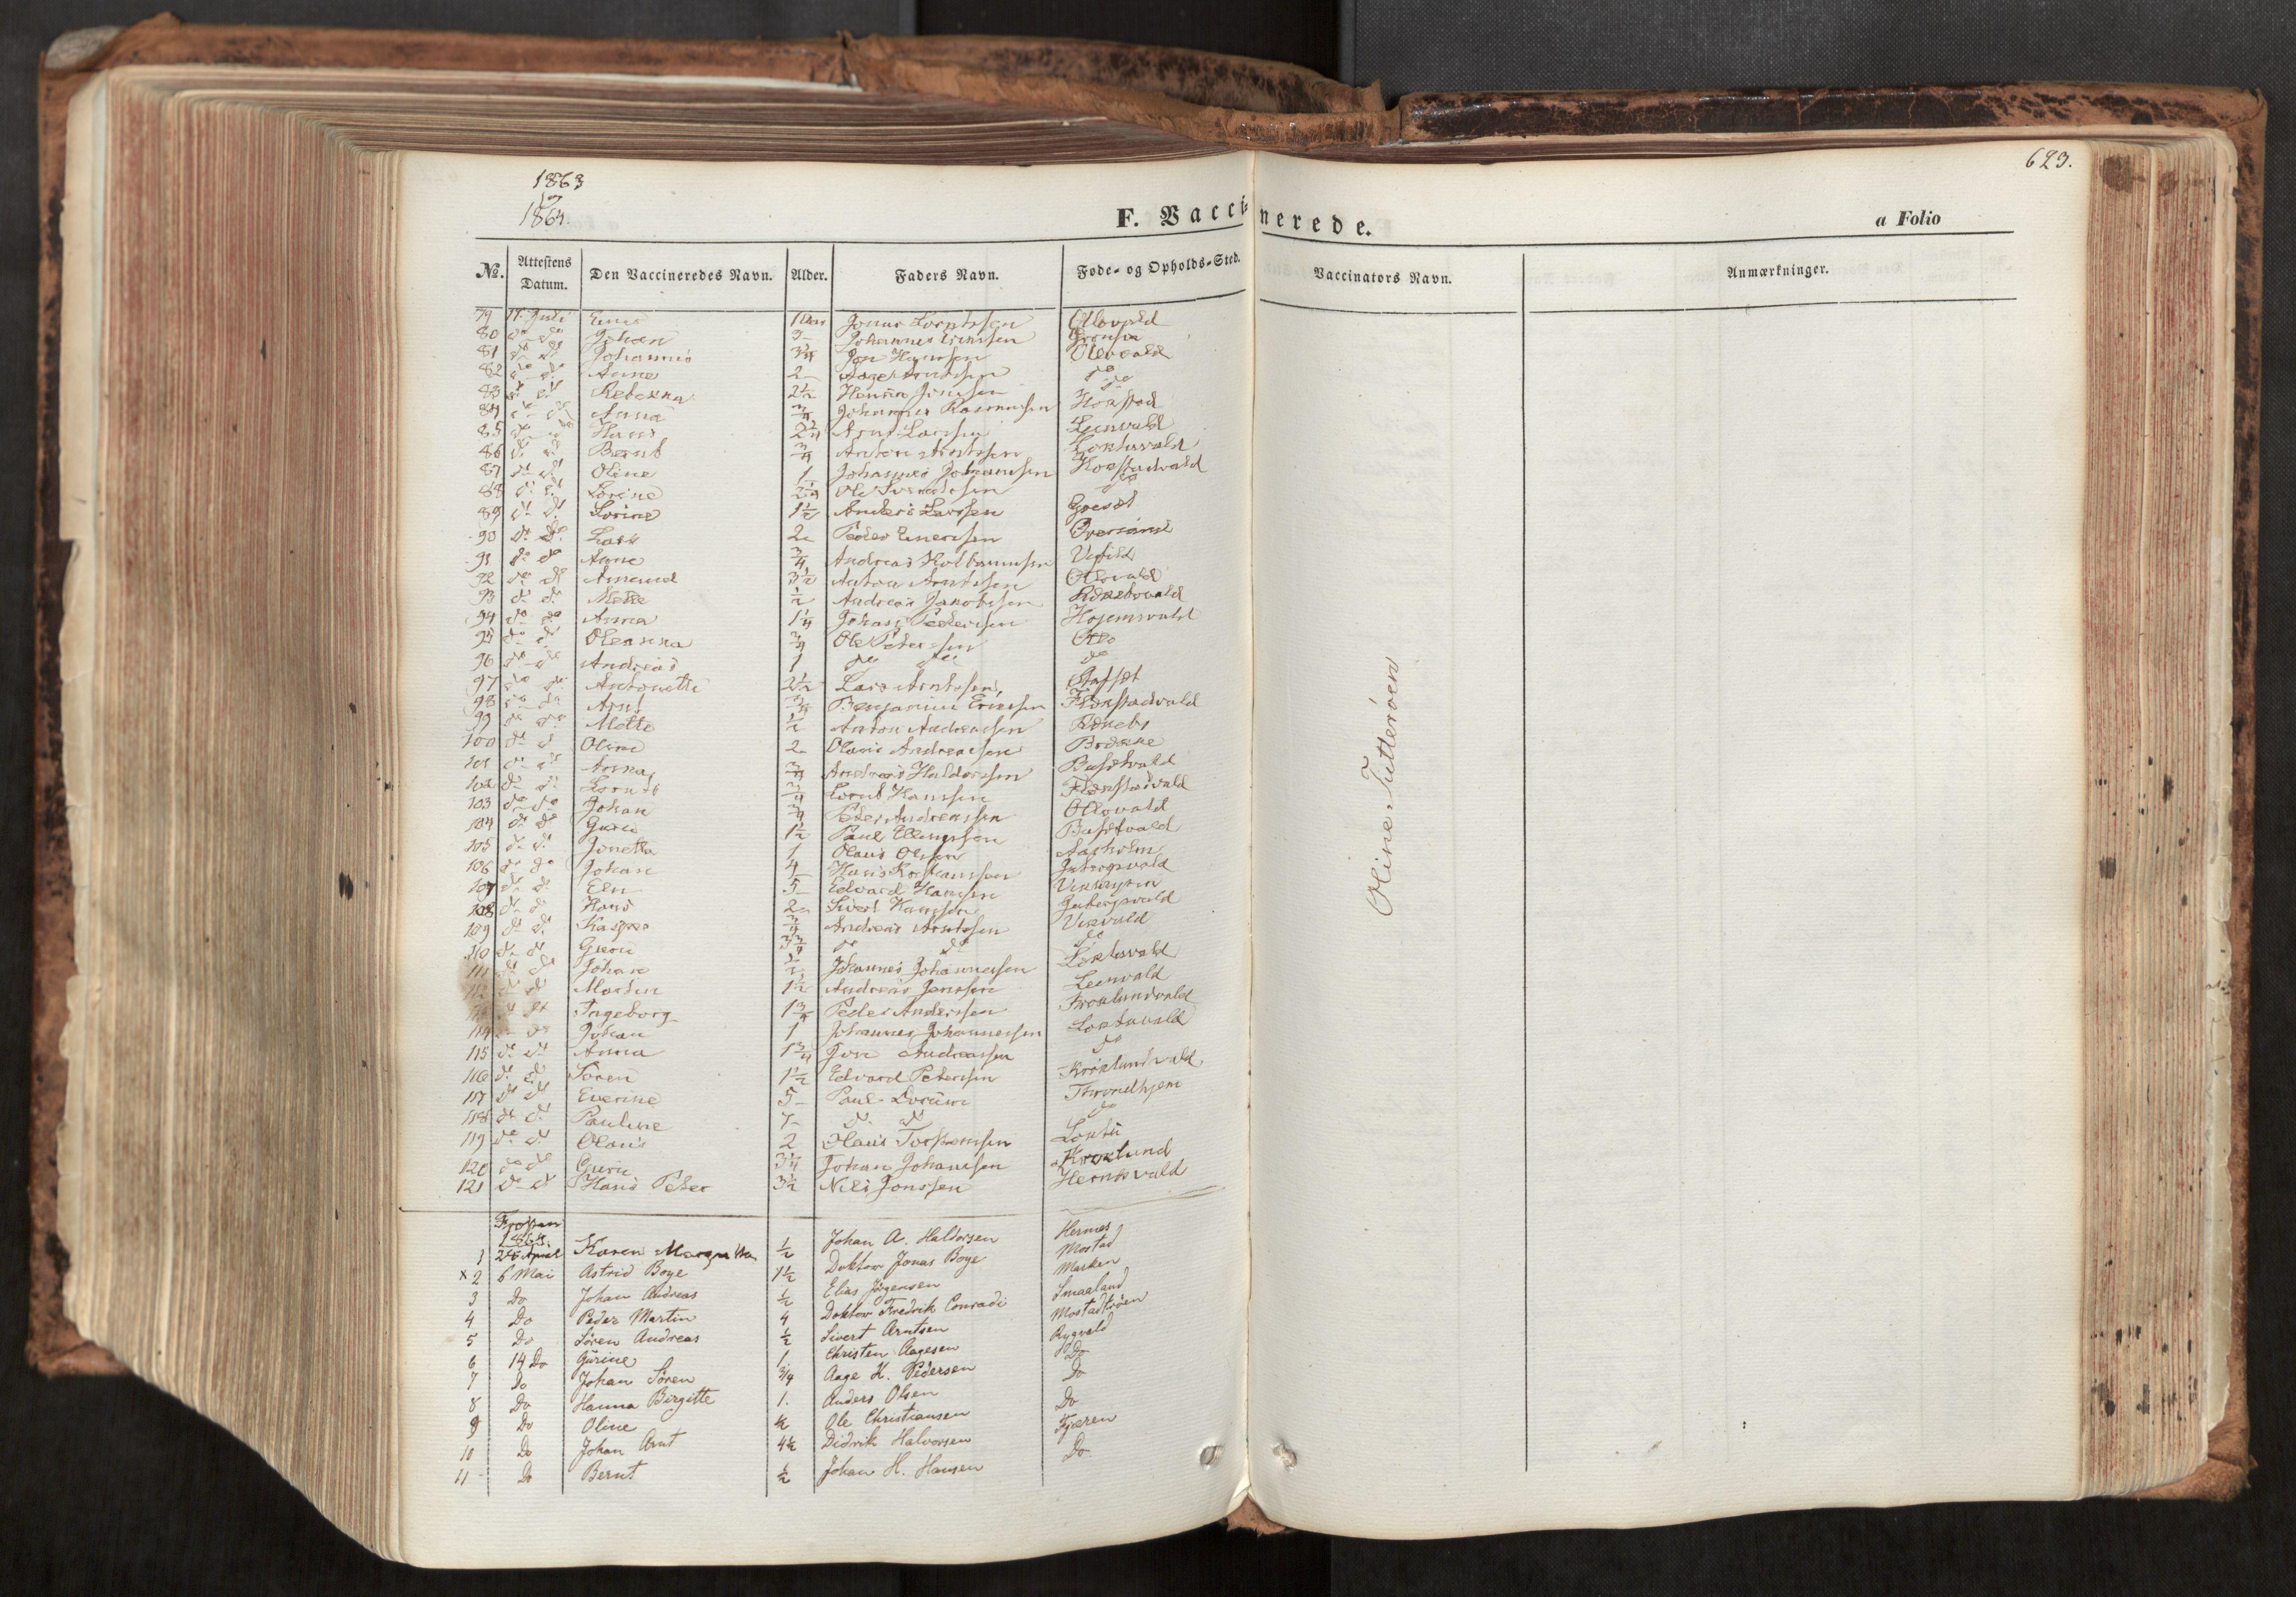 SAT, Ministerialprotokoller, klokkerbøker og fødselsregistre - Nord-Trøndelag, 713/L0116: Ministerialbok nr. 713A07, 1850-1877, s. 623